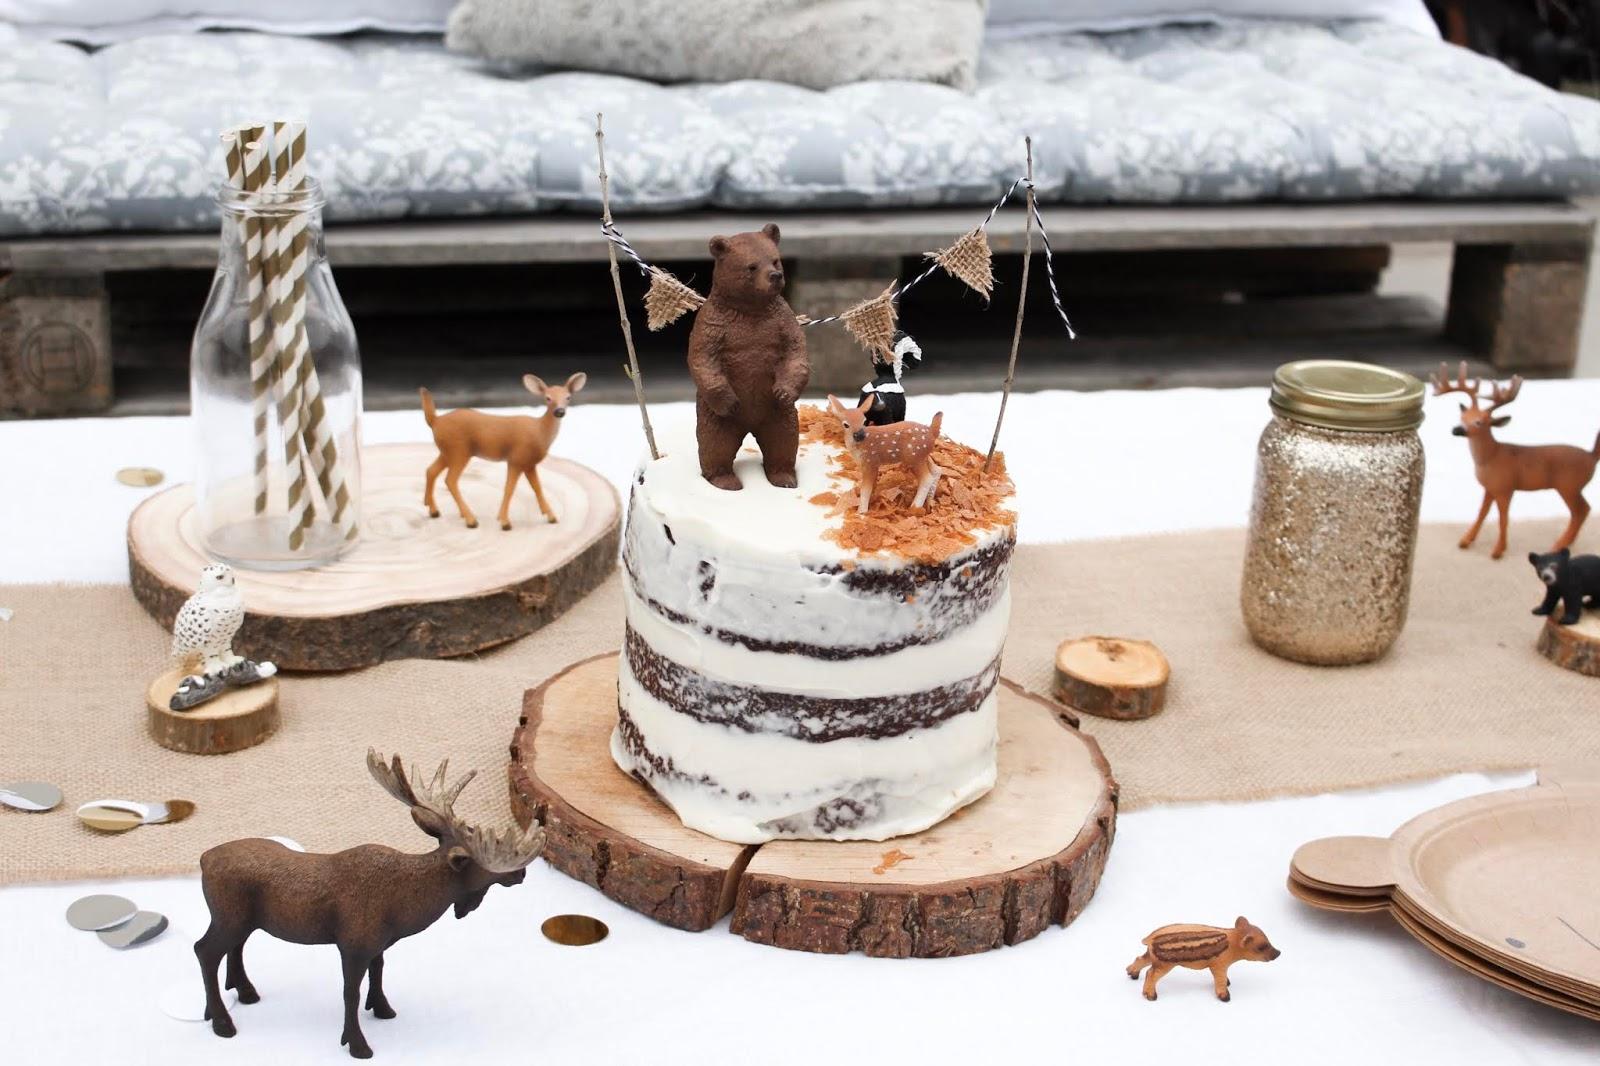 Le Cinquième Anniversaire De Soel: Les Animaux De La Forêt destiné Image D Animaux De La Foret